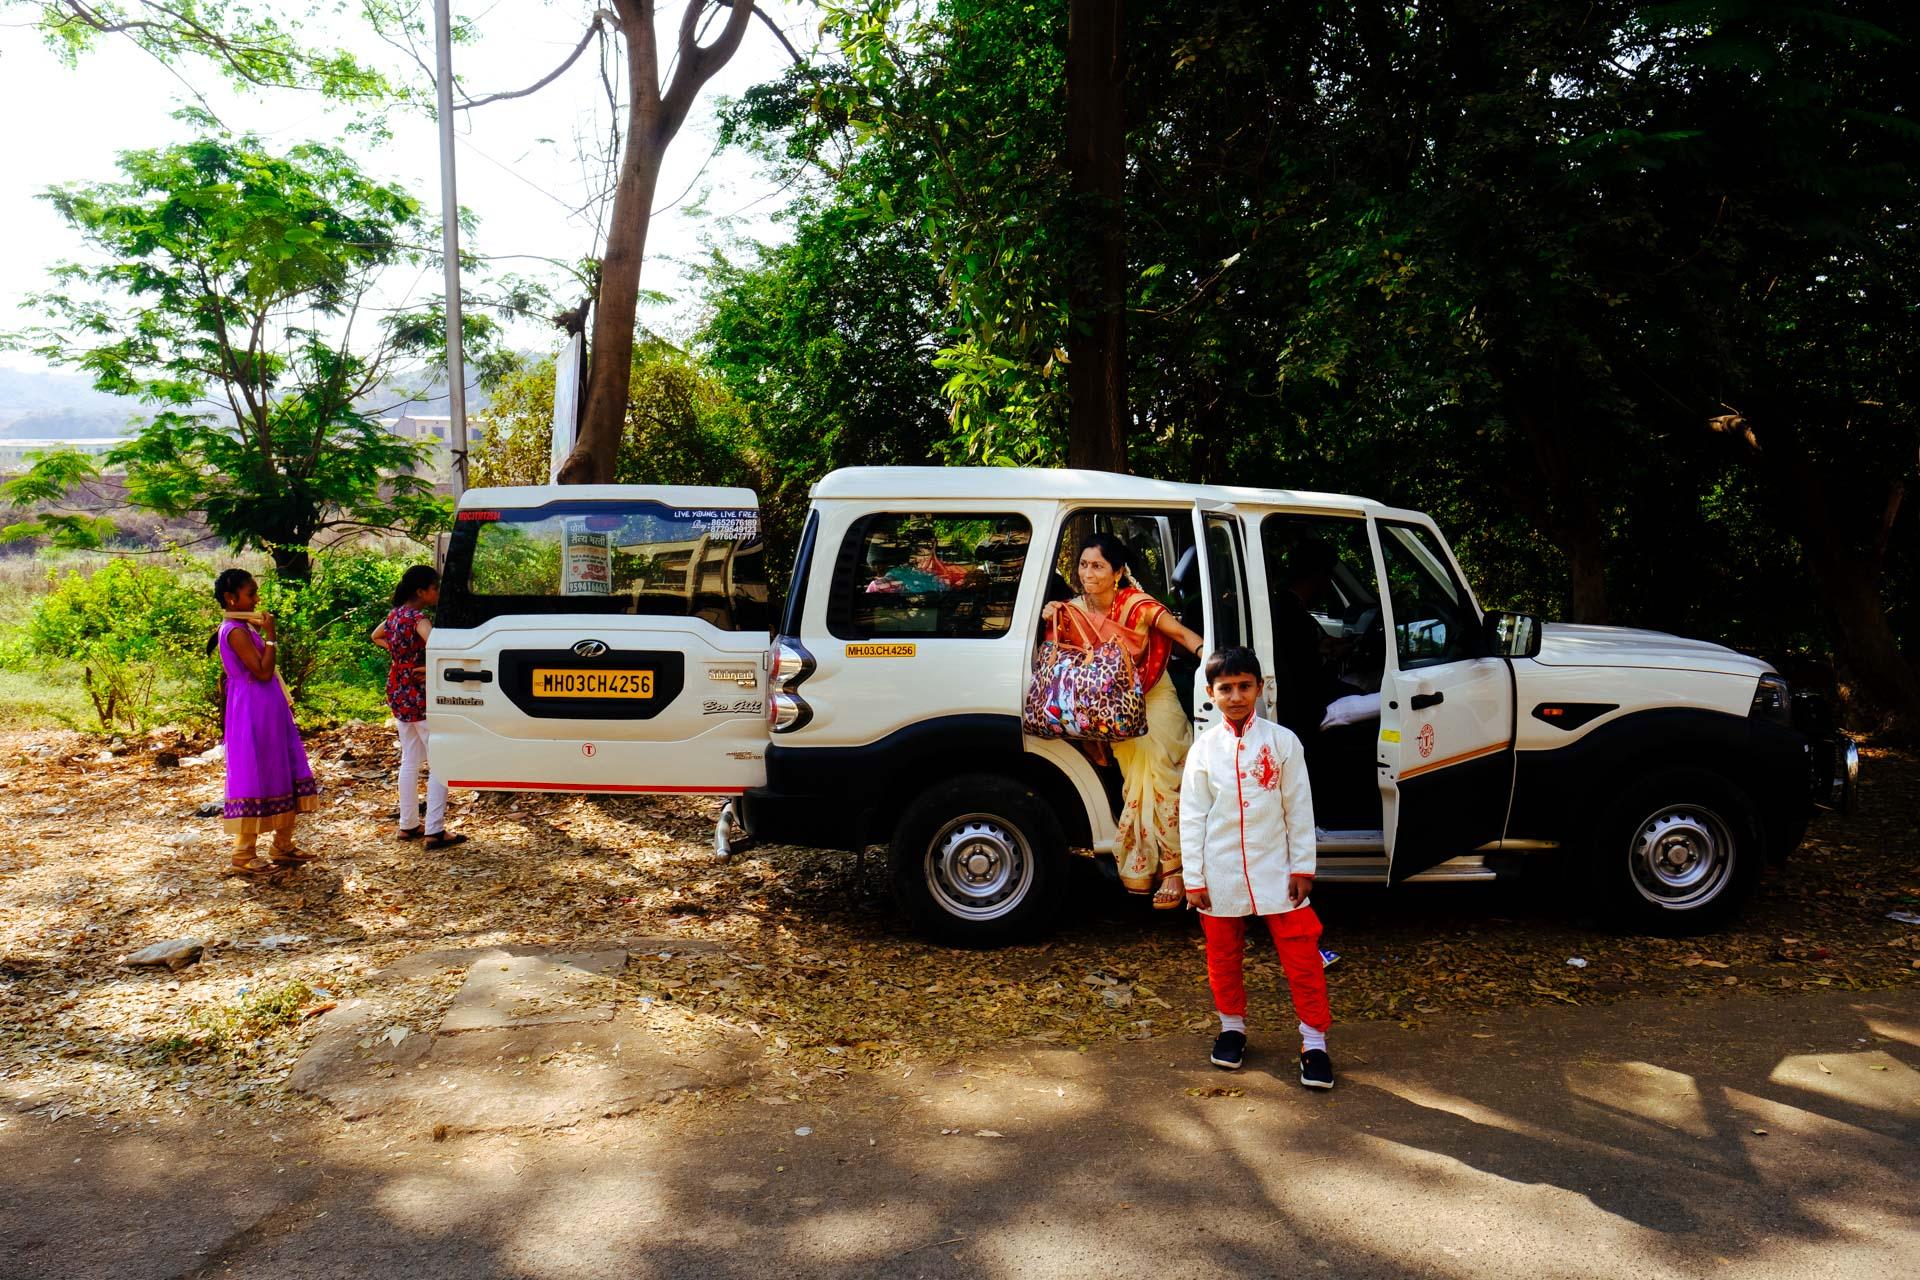 wedding_in_mumbai-15.jpg